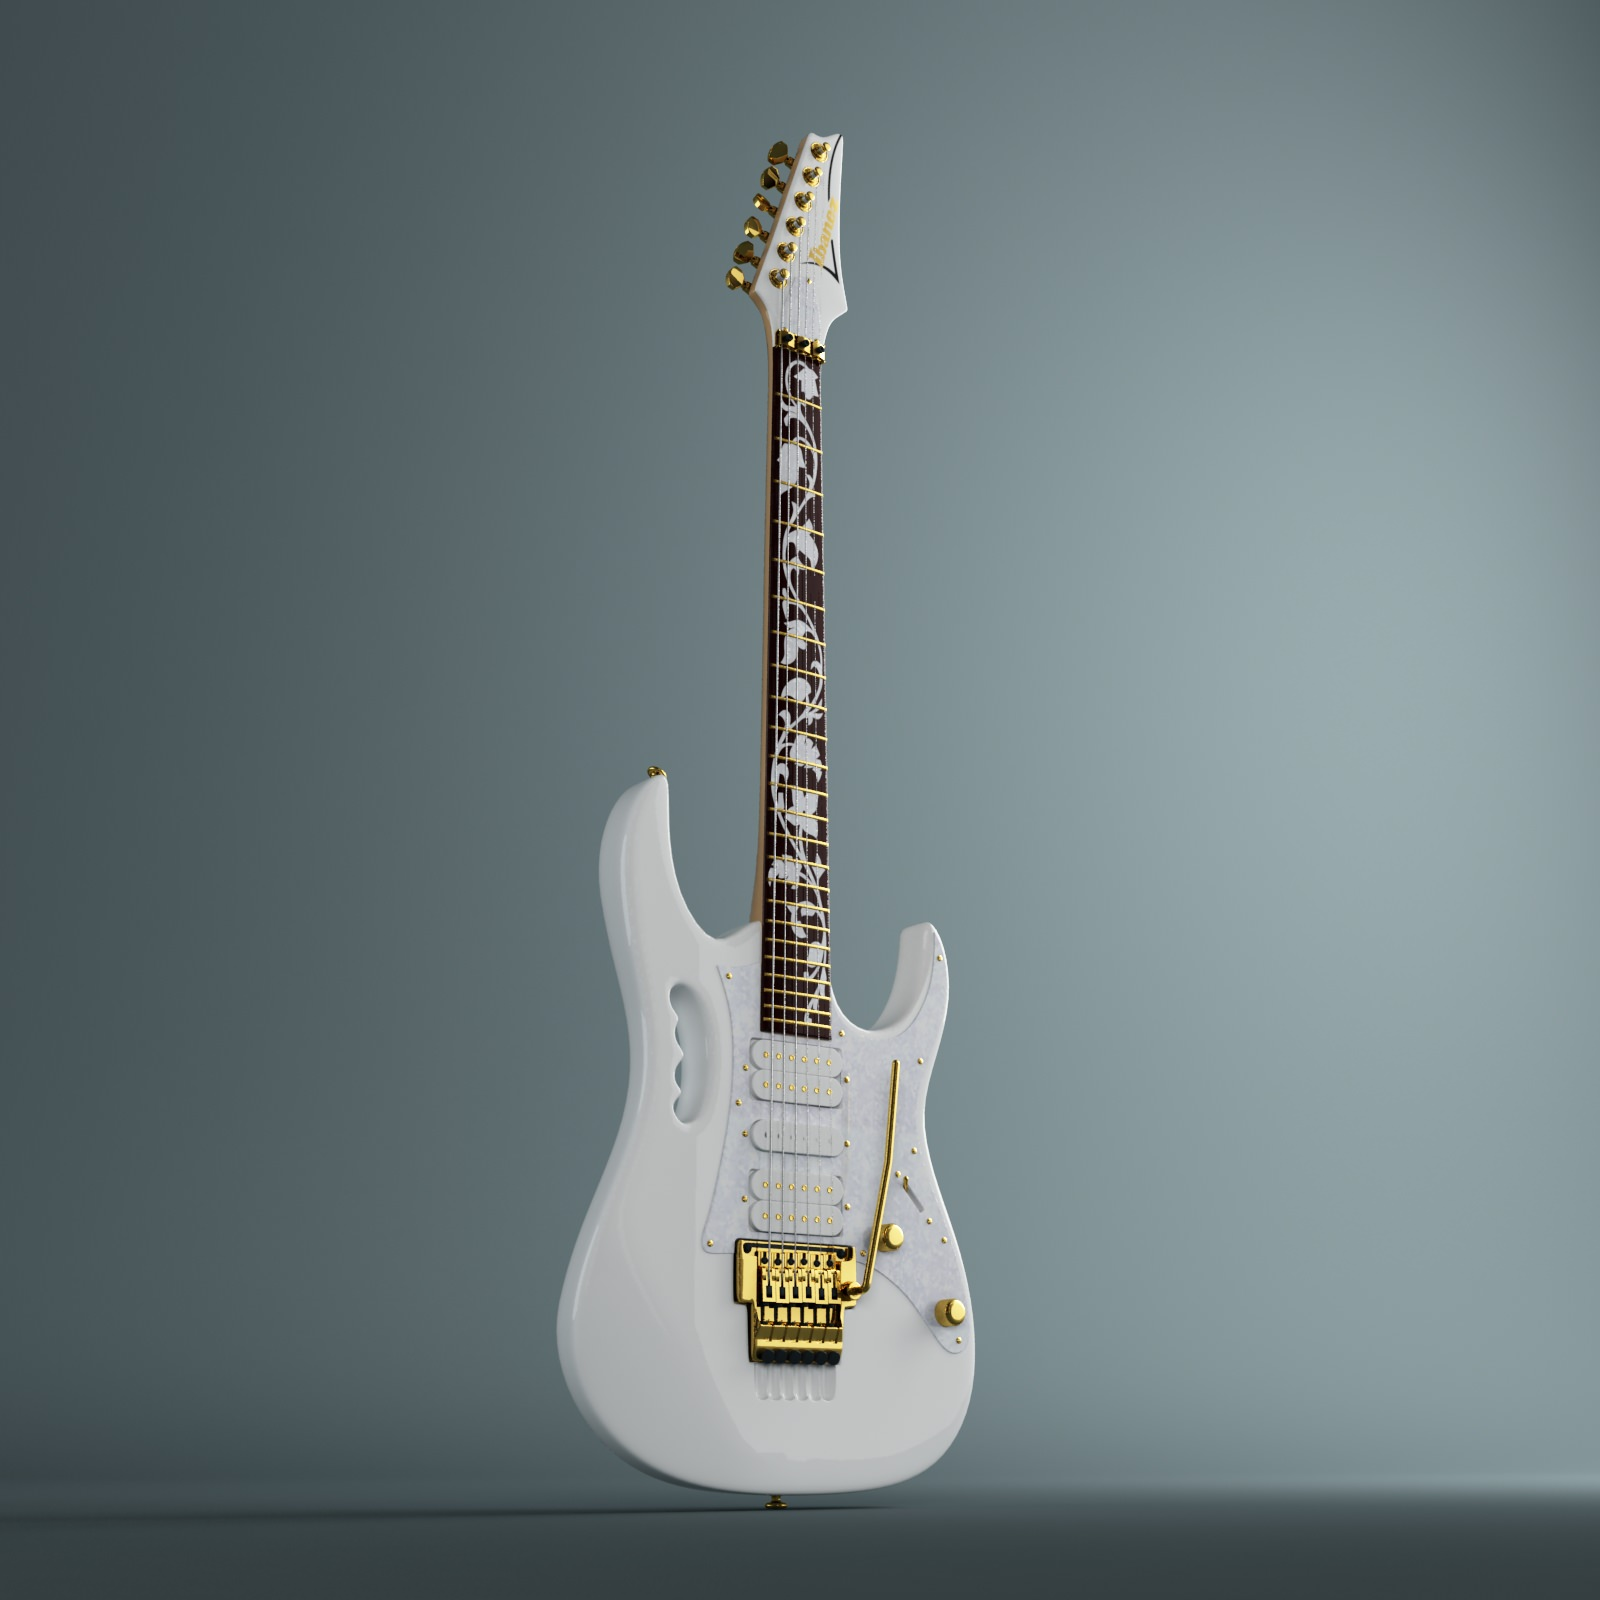 ibanez jem 7 steve vai electric guitar 3d models. Black Bedroom Furniture Sets. Home Design Ideas